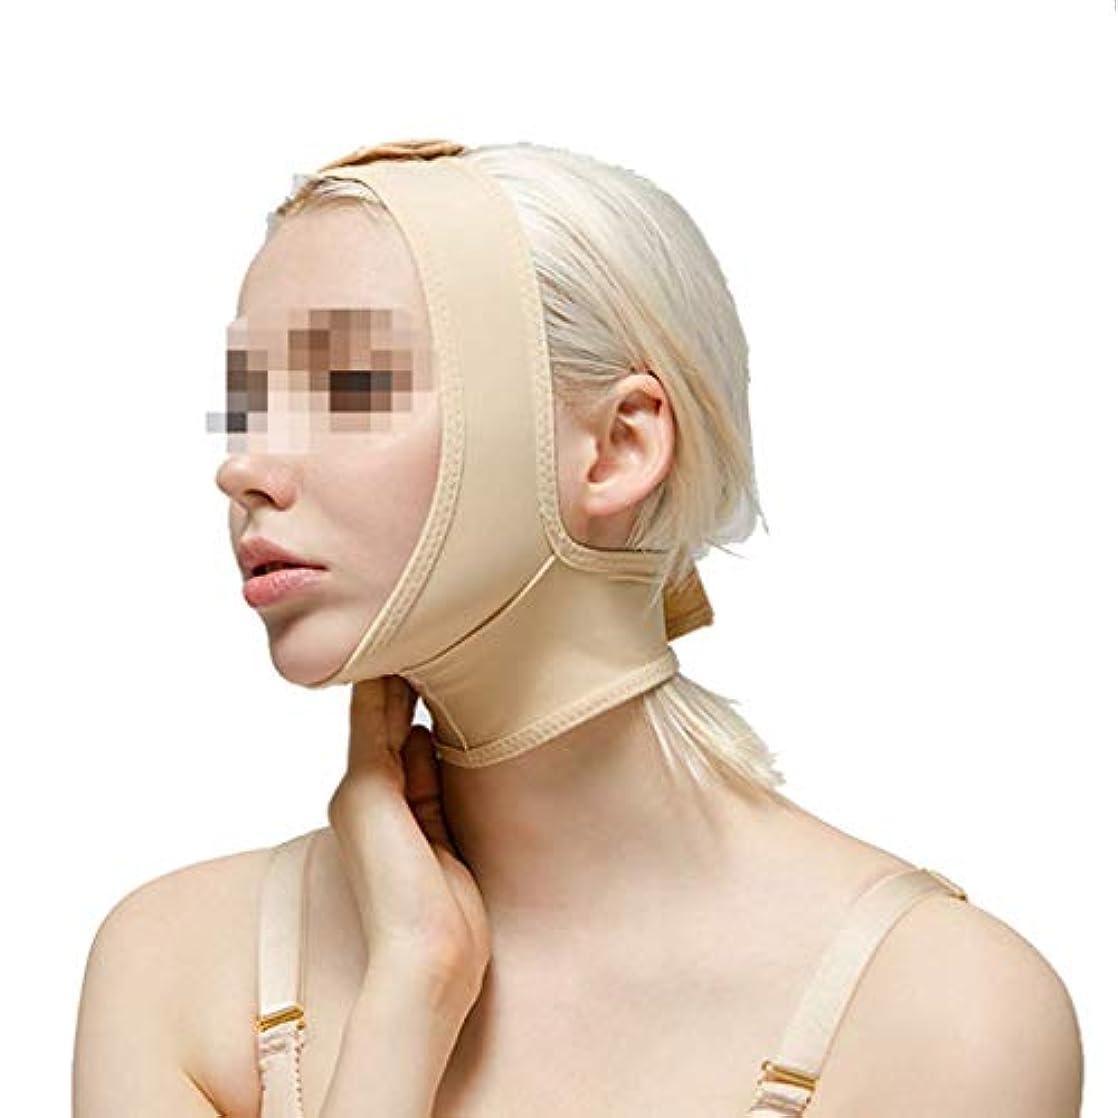 結紮モットー誤解する術後伸縮性スリーブ、下顎束フェイスバンデージフェイシャルビームダブルチンシンフェイスマスクマルチサイズオプション(サイズ:L),ザ?